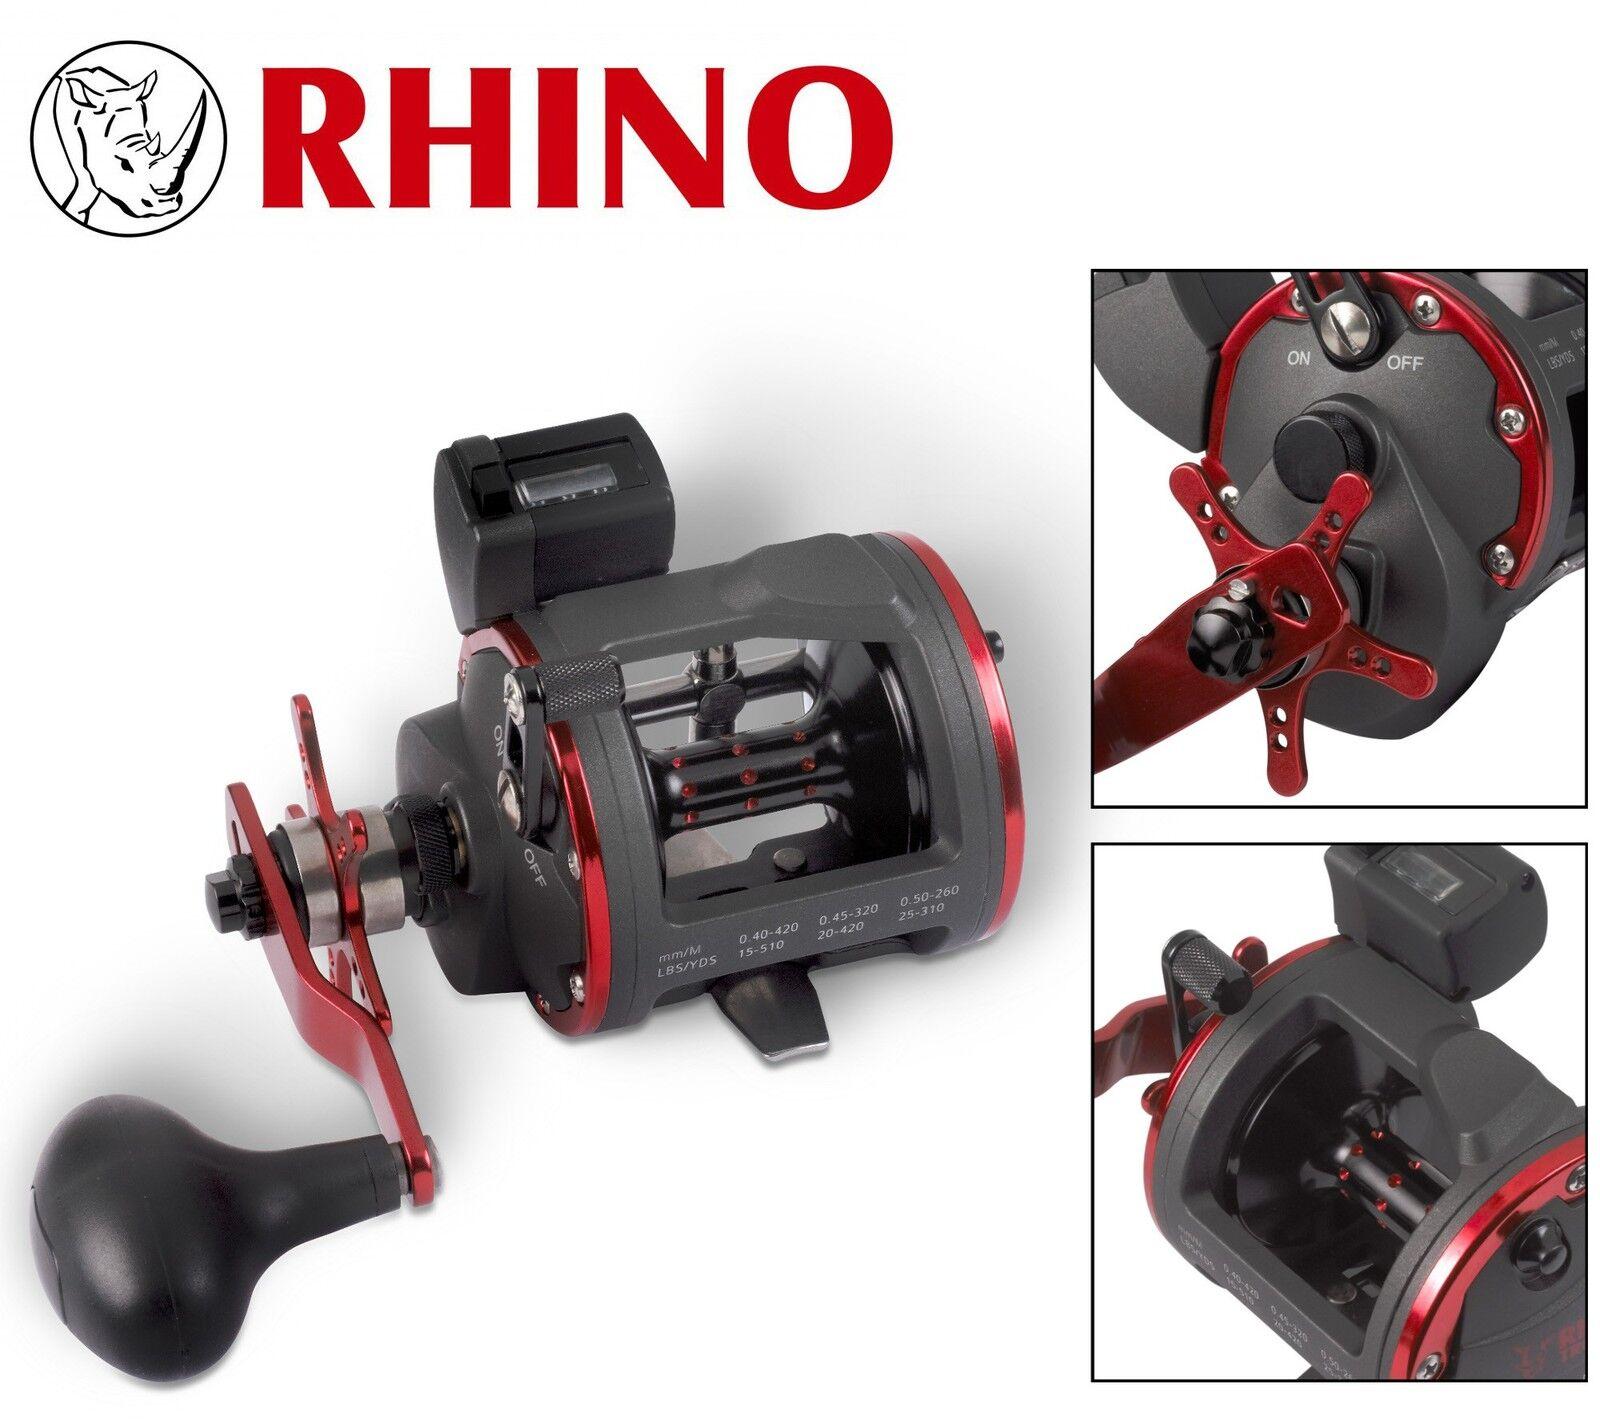 Rhino Trolling 430 LH Rolle Rolle Rolle Multirolle zum Schleppangeln, Angelrolle fürs Meer be6018